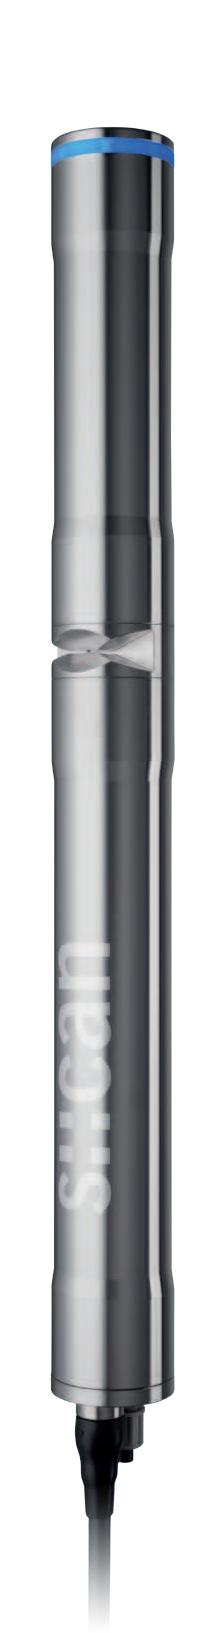 spectro::lyser™ - V3全光谱分析仪